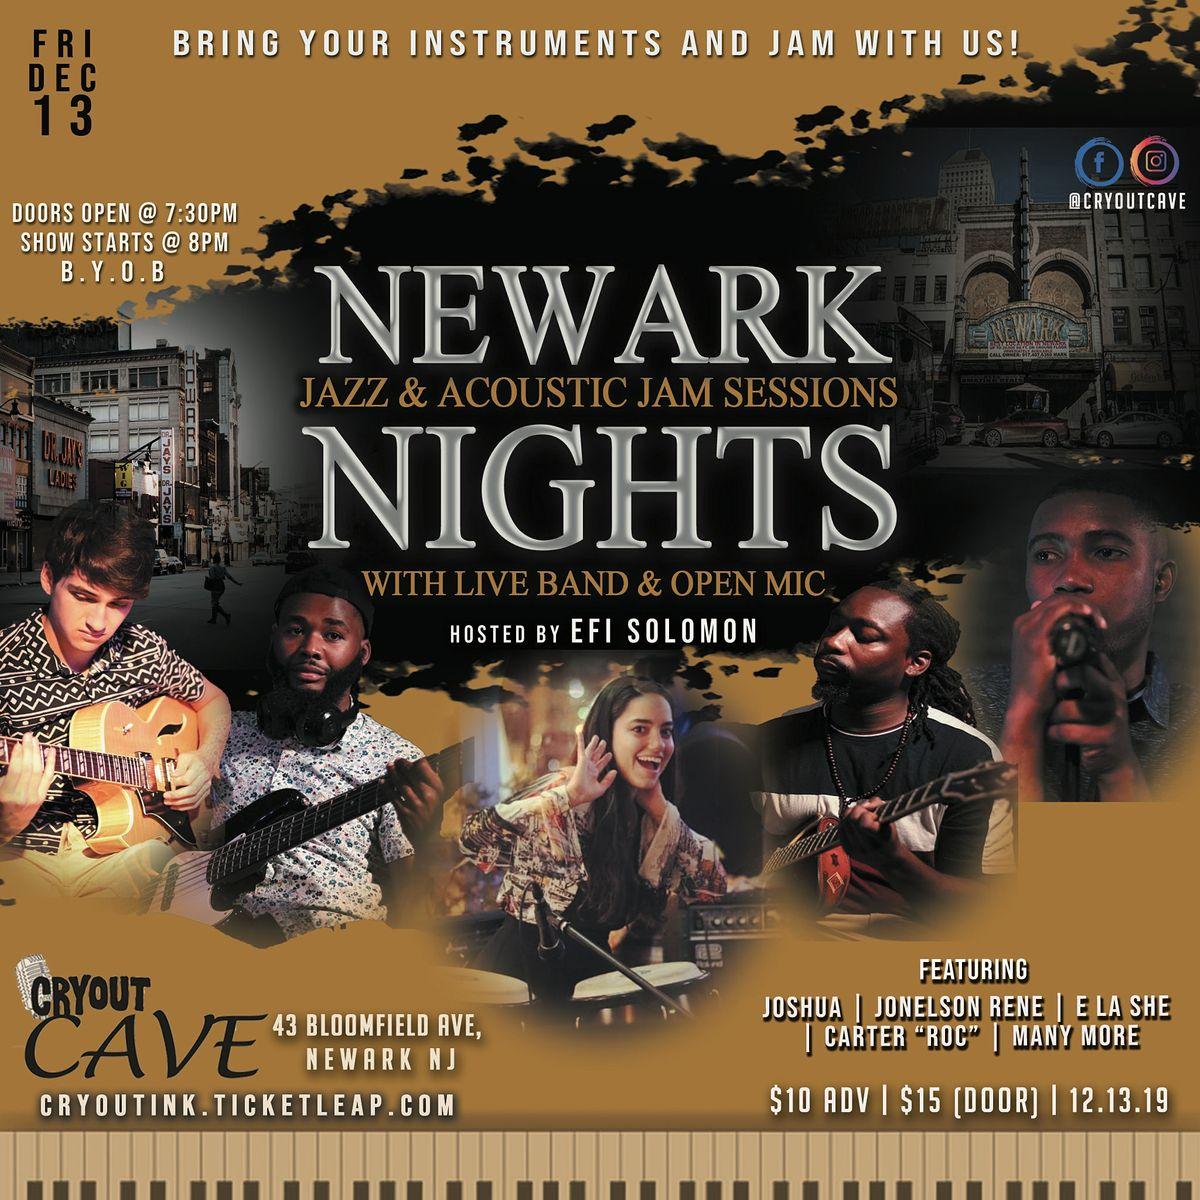 NEWARK NIGHTS Jazz & Acoustic Jam Session